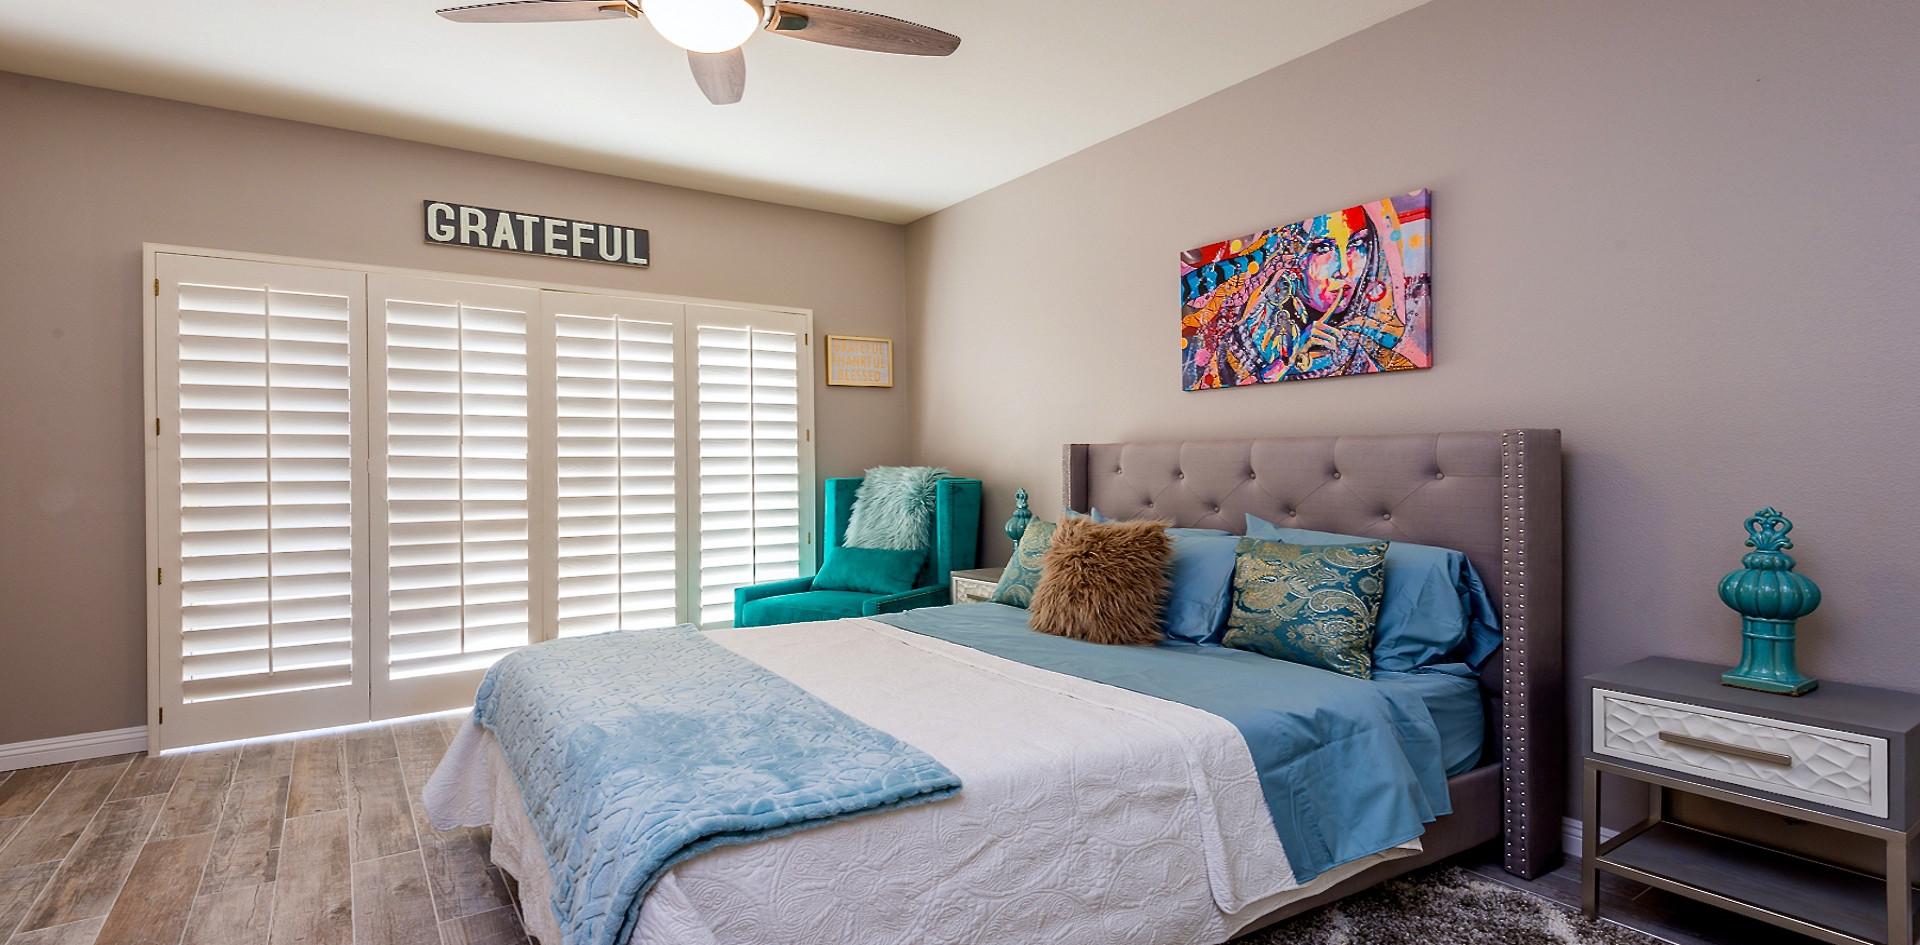 Grateful Bedroom